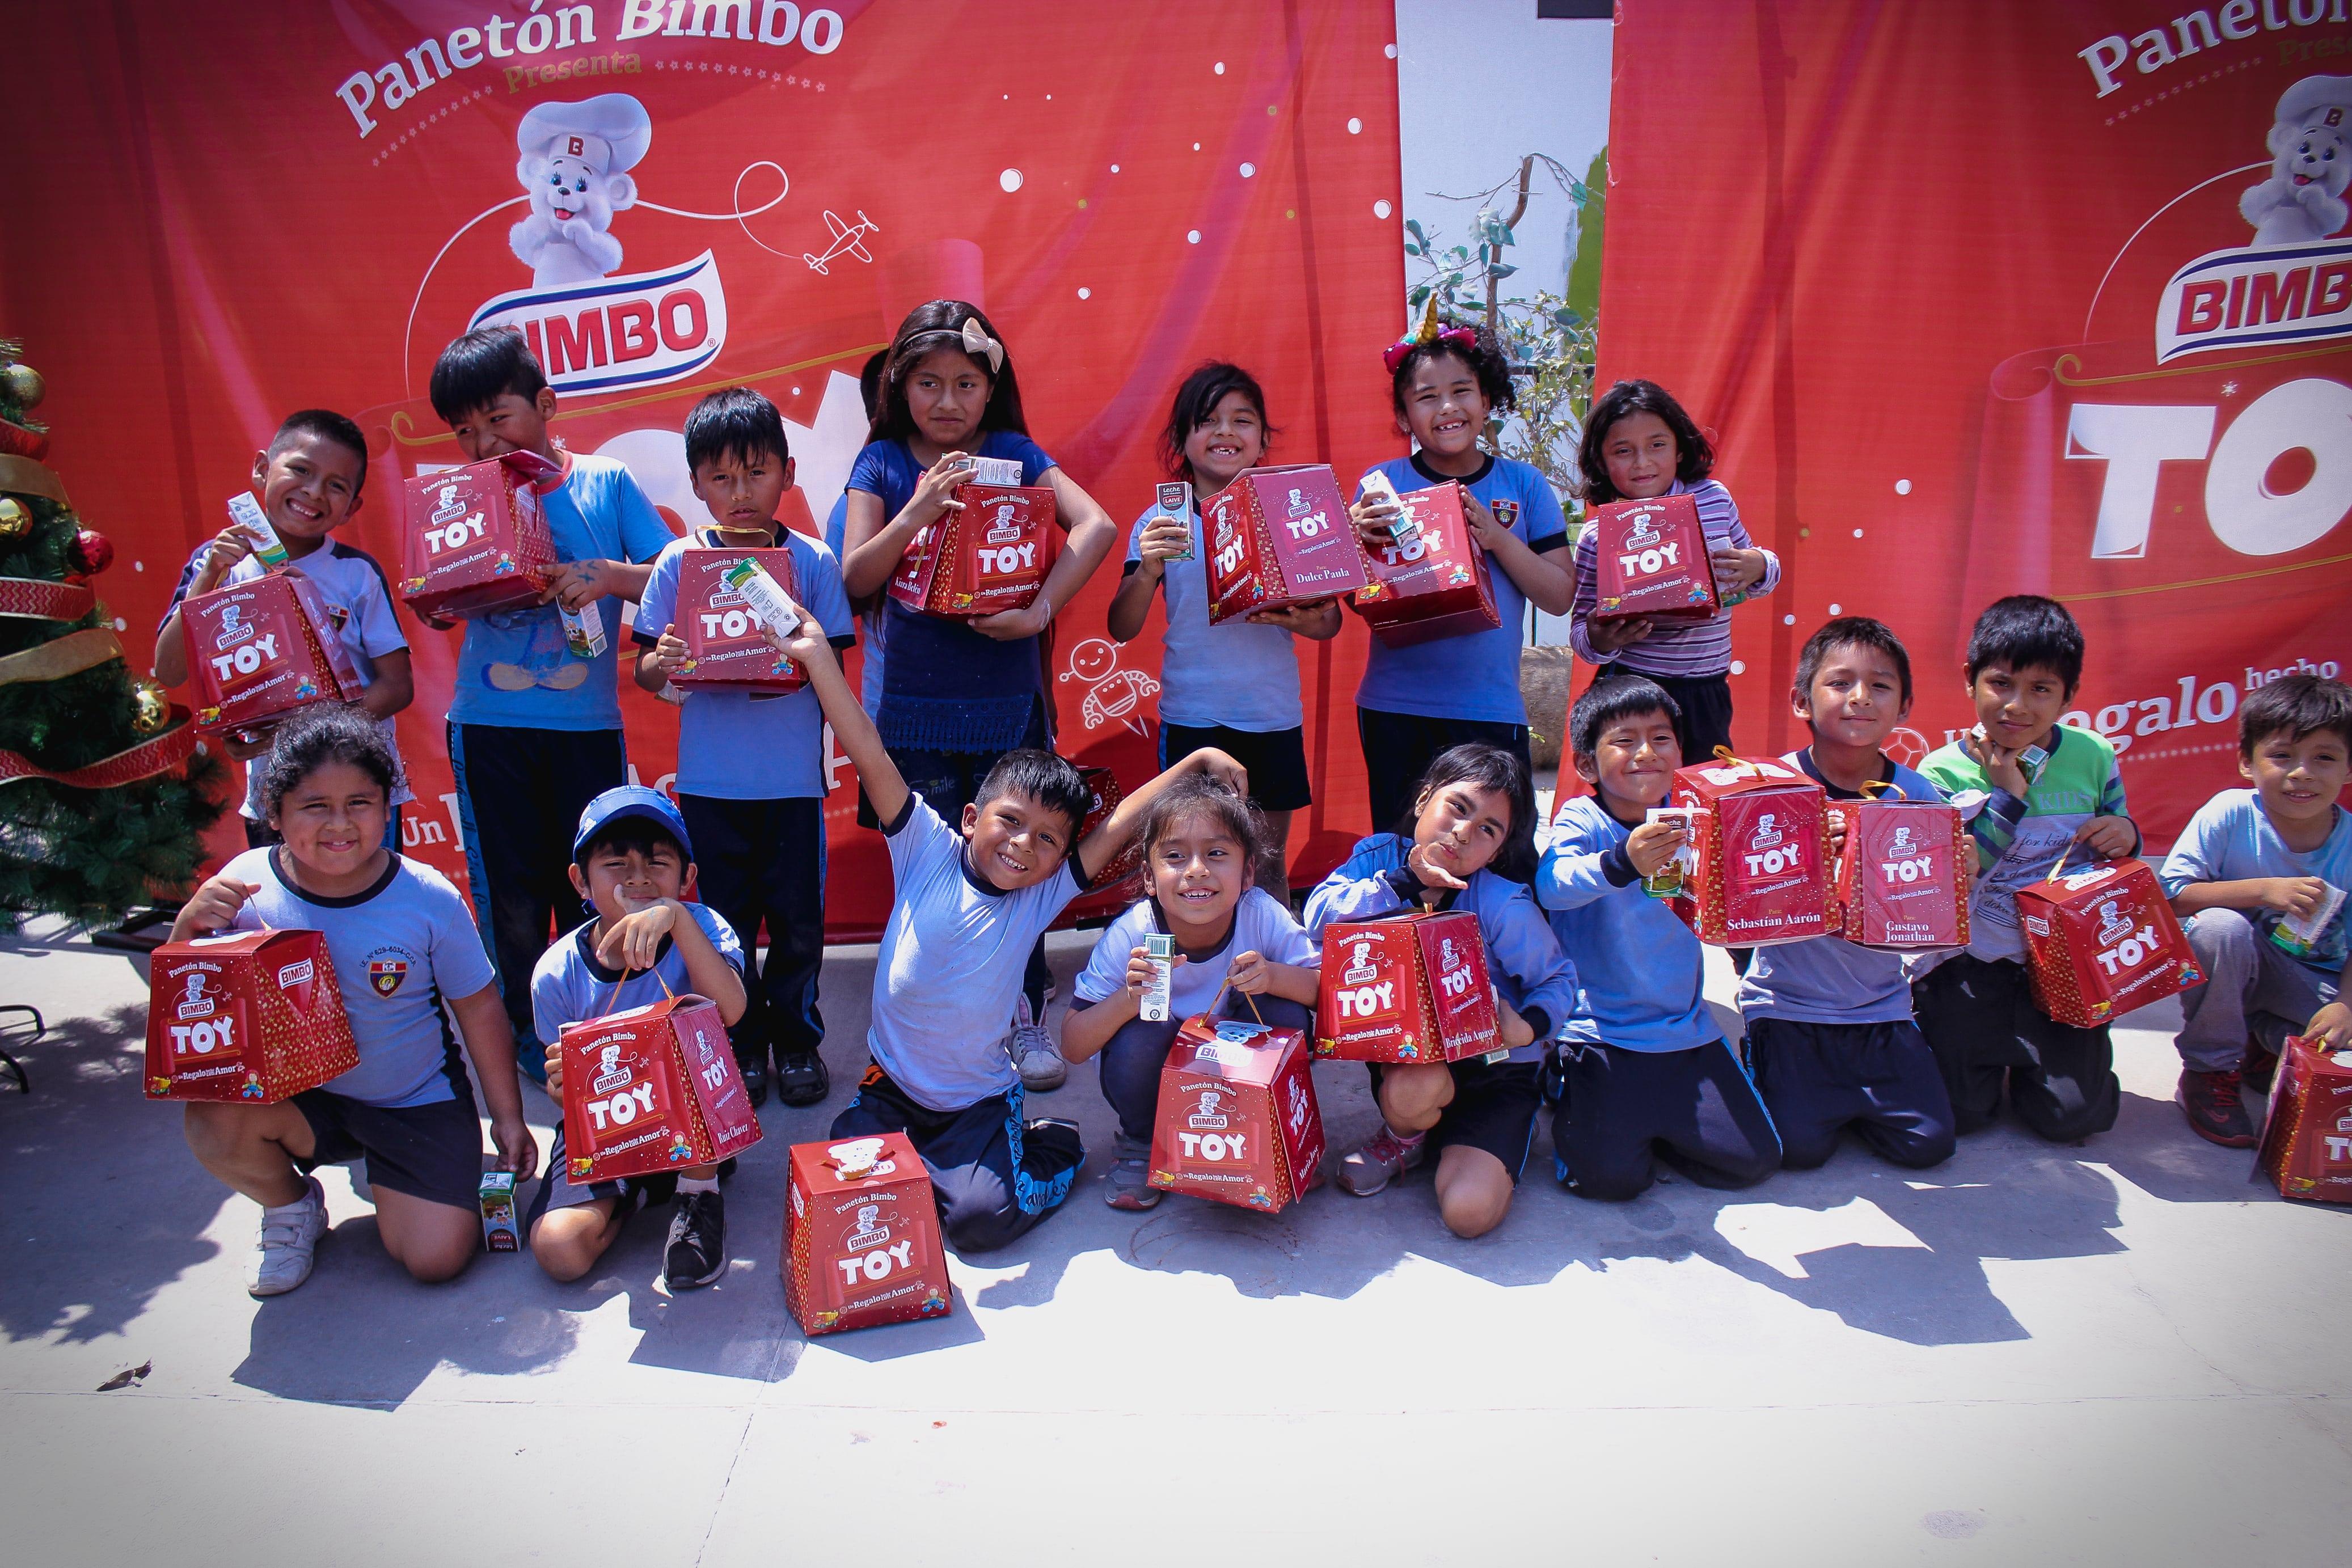 Panetones Bimbo donó más de dos mil juguetes a niños de albergues para celebrar esta Navidad